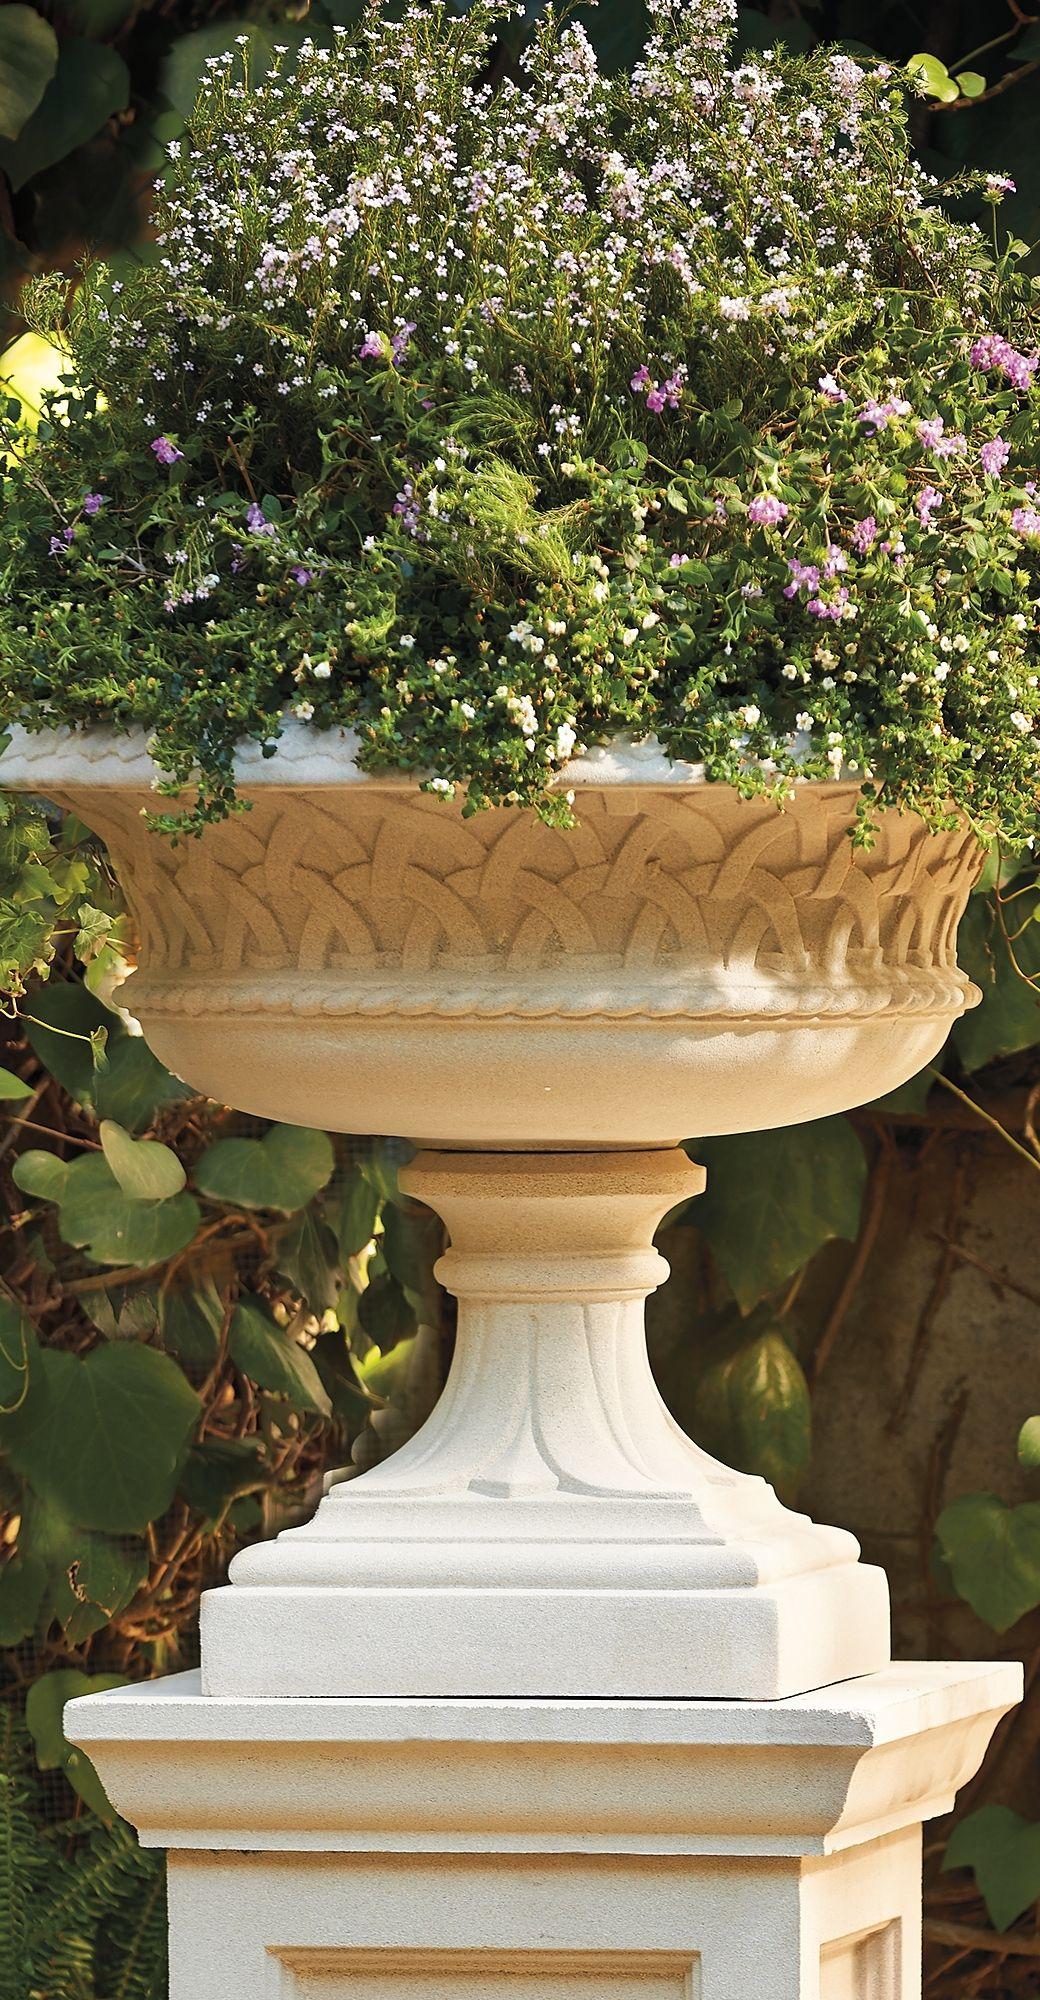 Yorkshire Urn and Garden Pedestal | Garden Oasis | Pinterest ...